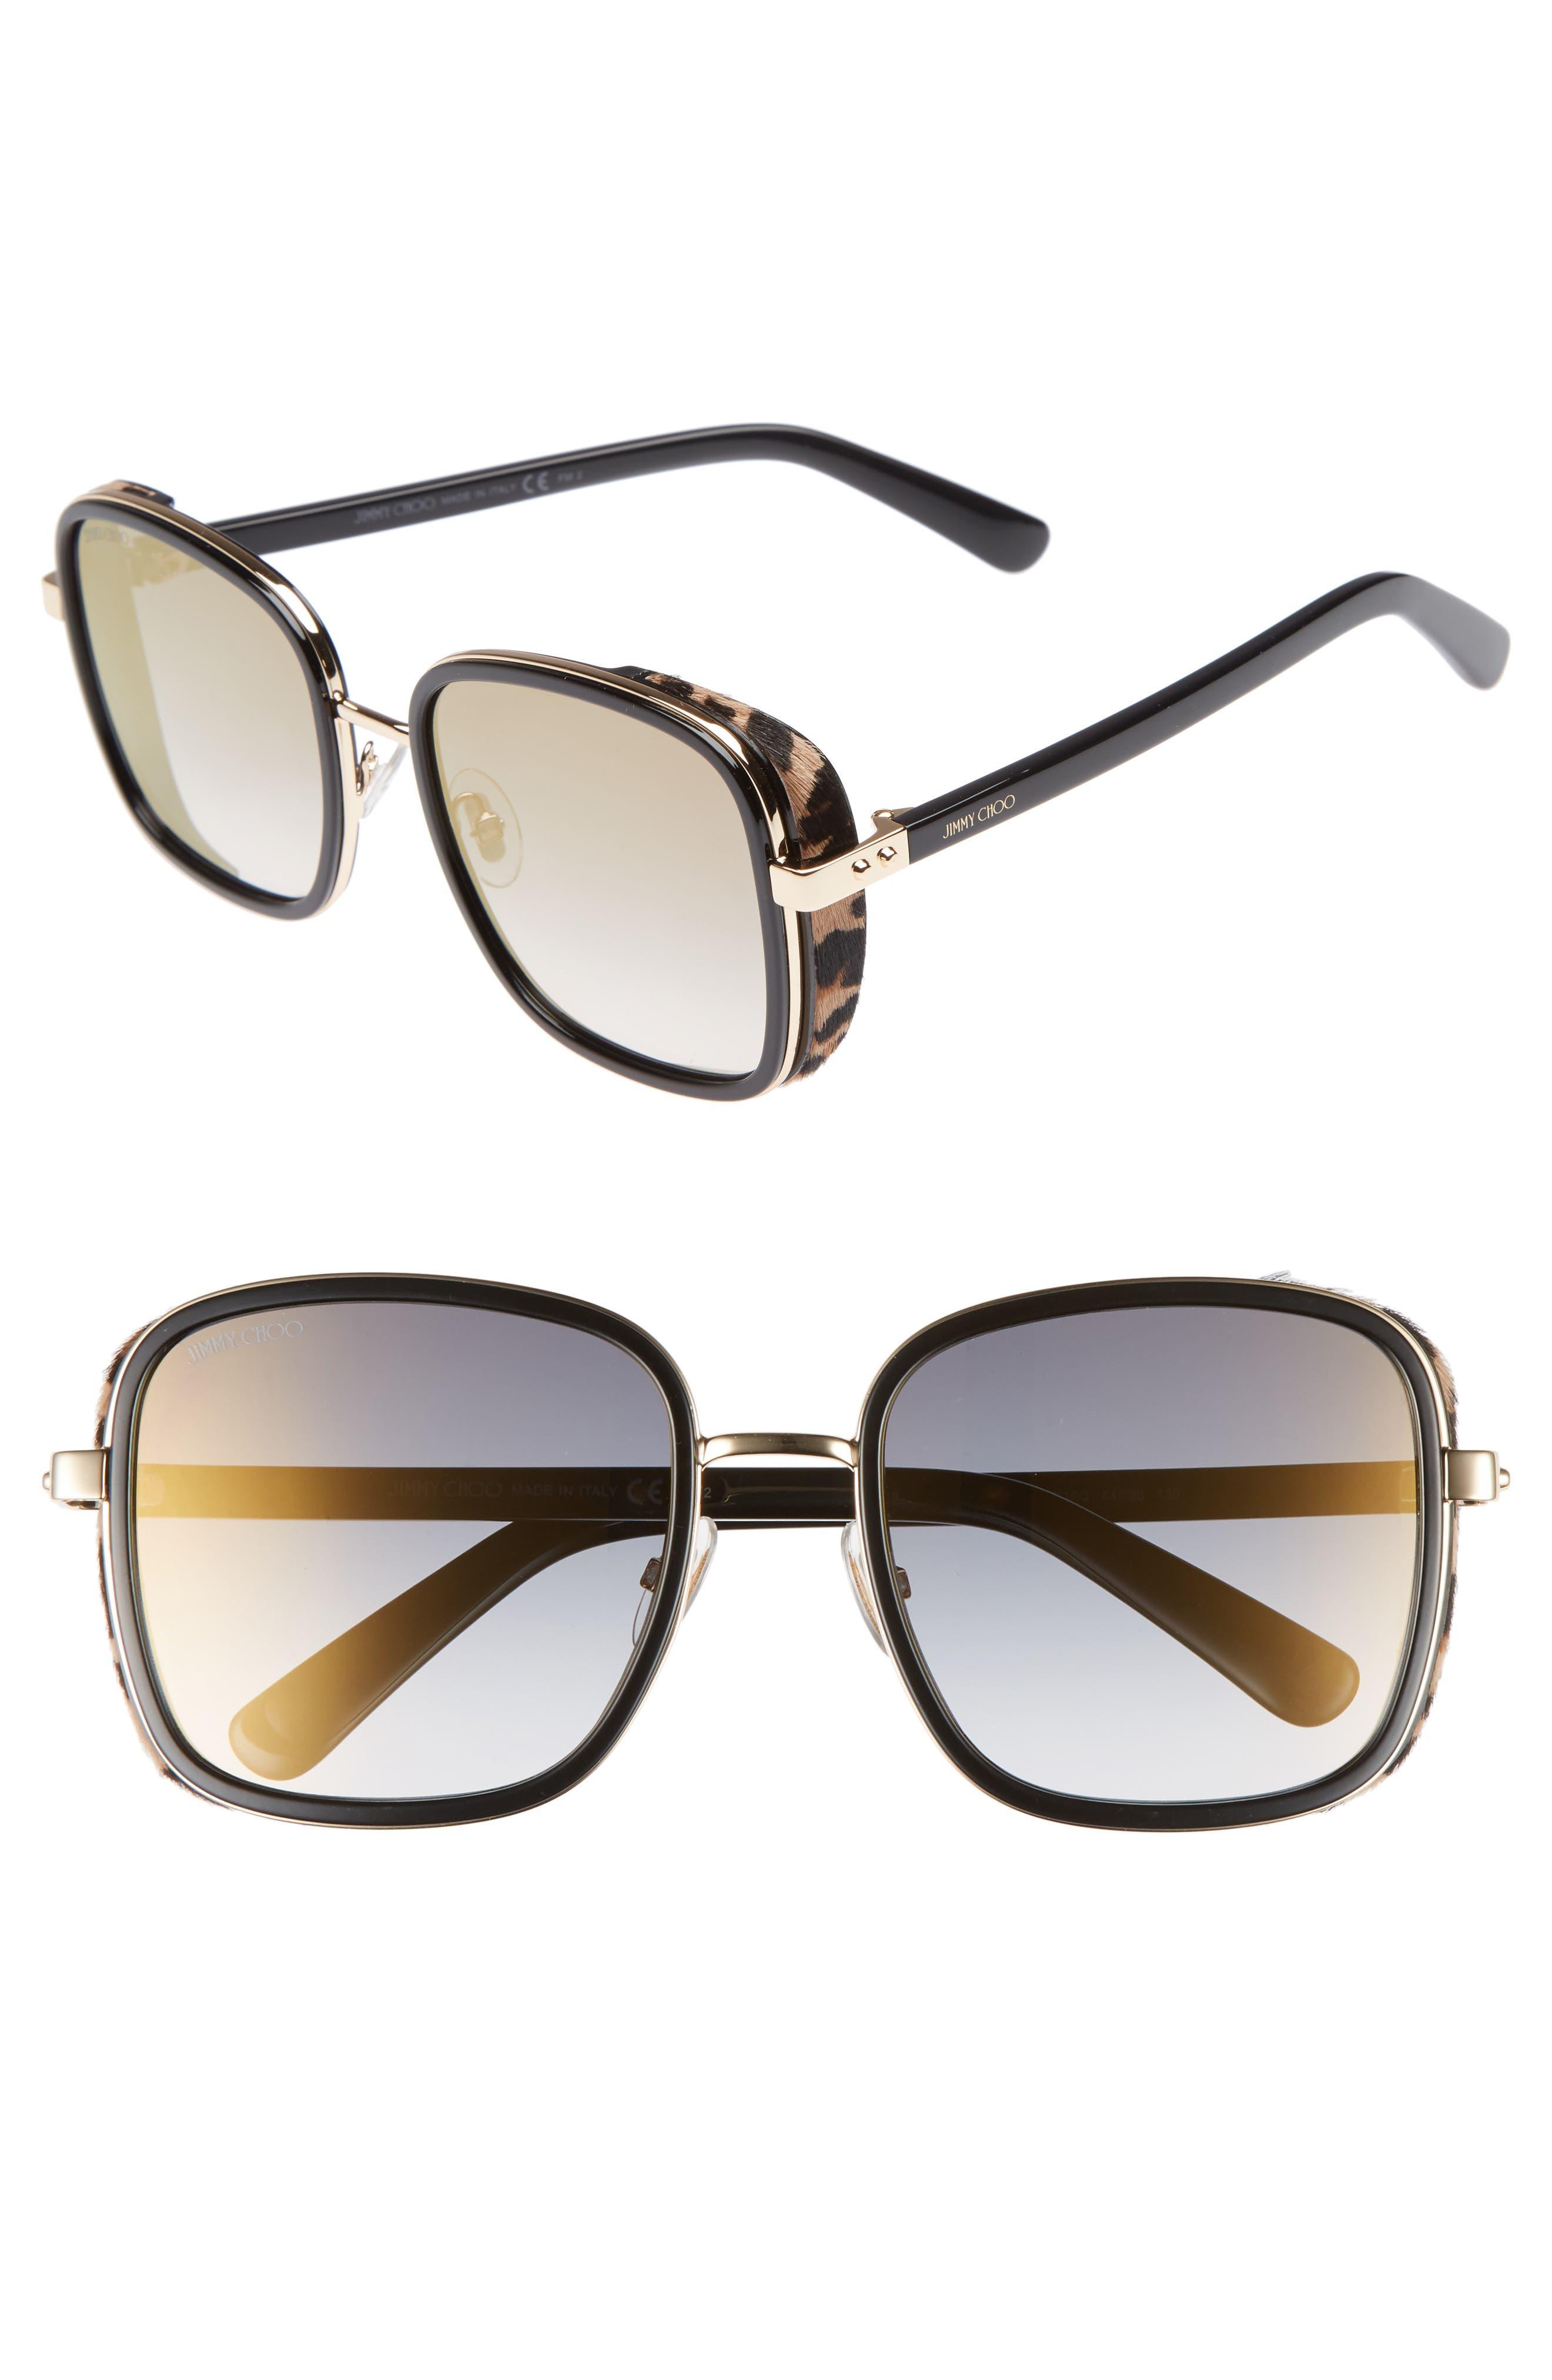 Jimmy Choo Elva 54mm Square Sunglasses